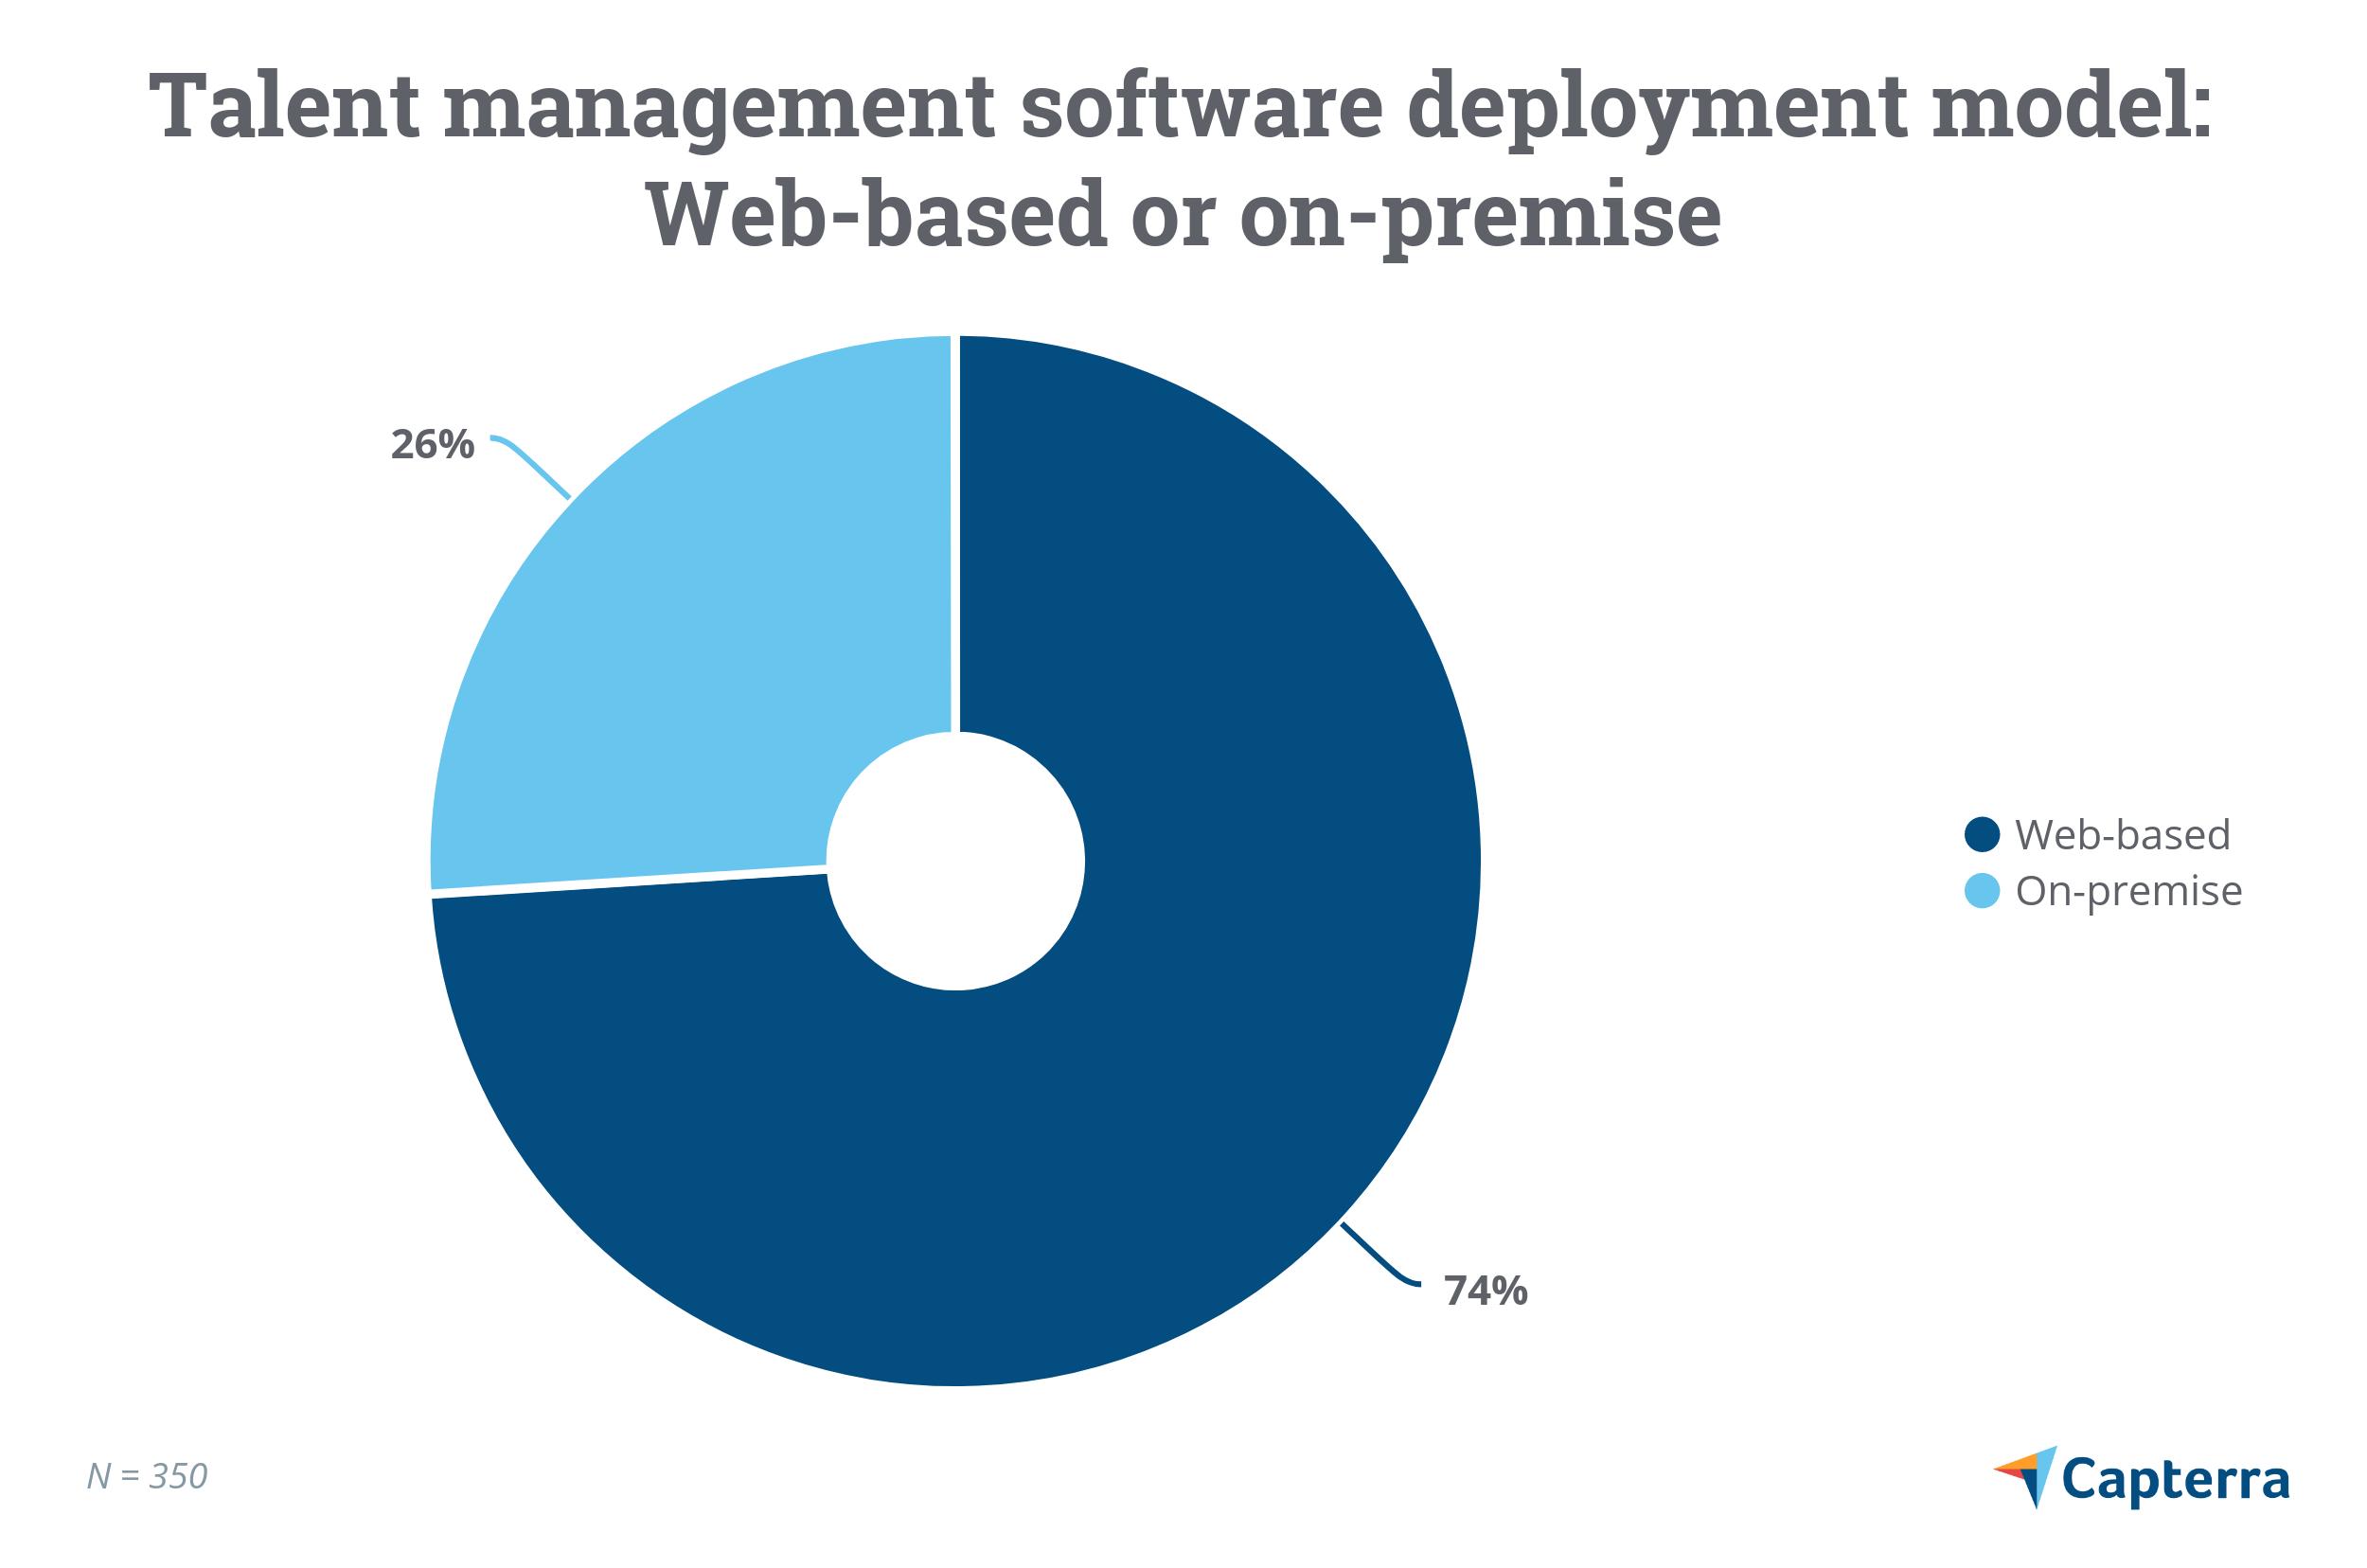 Talent management software deployment model: web-based or on-premise